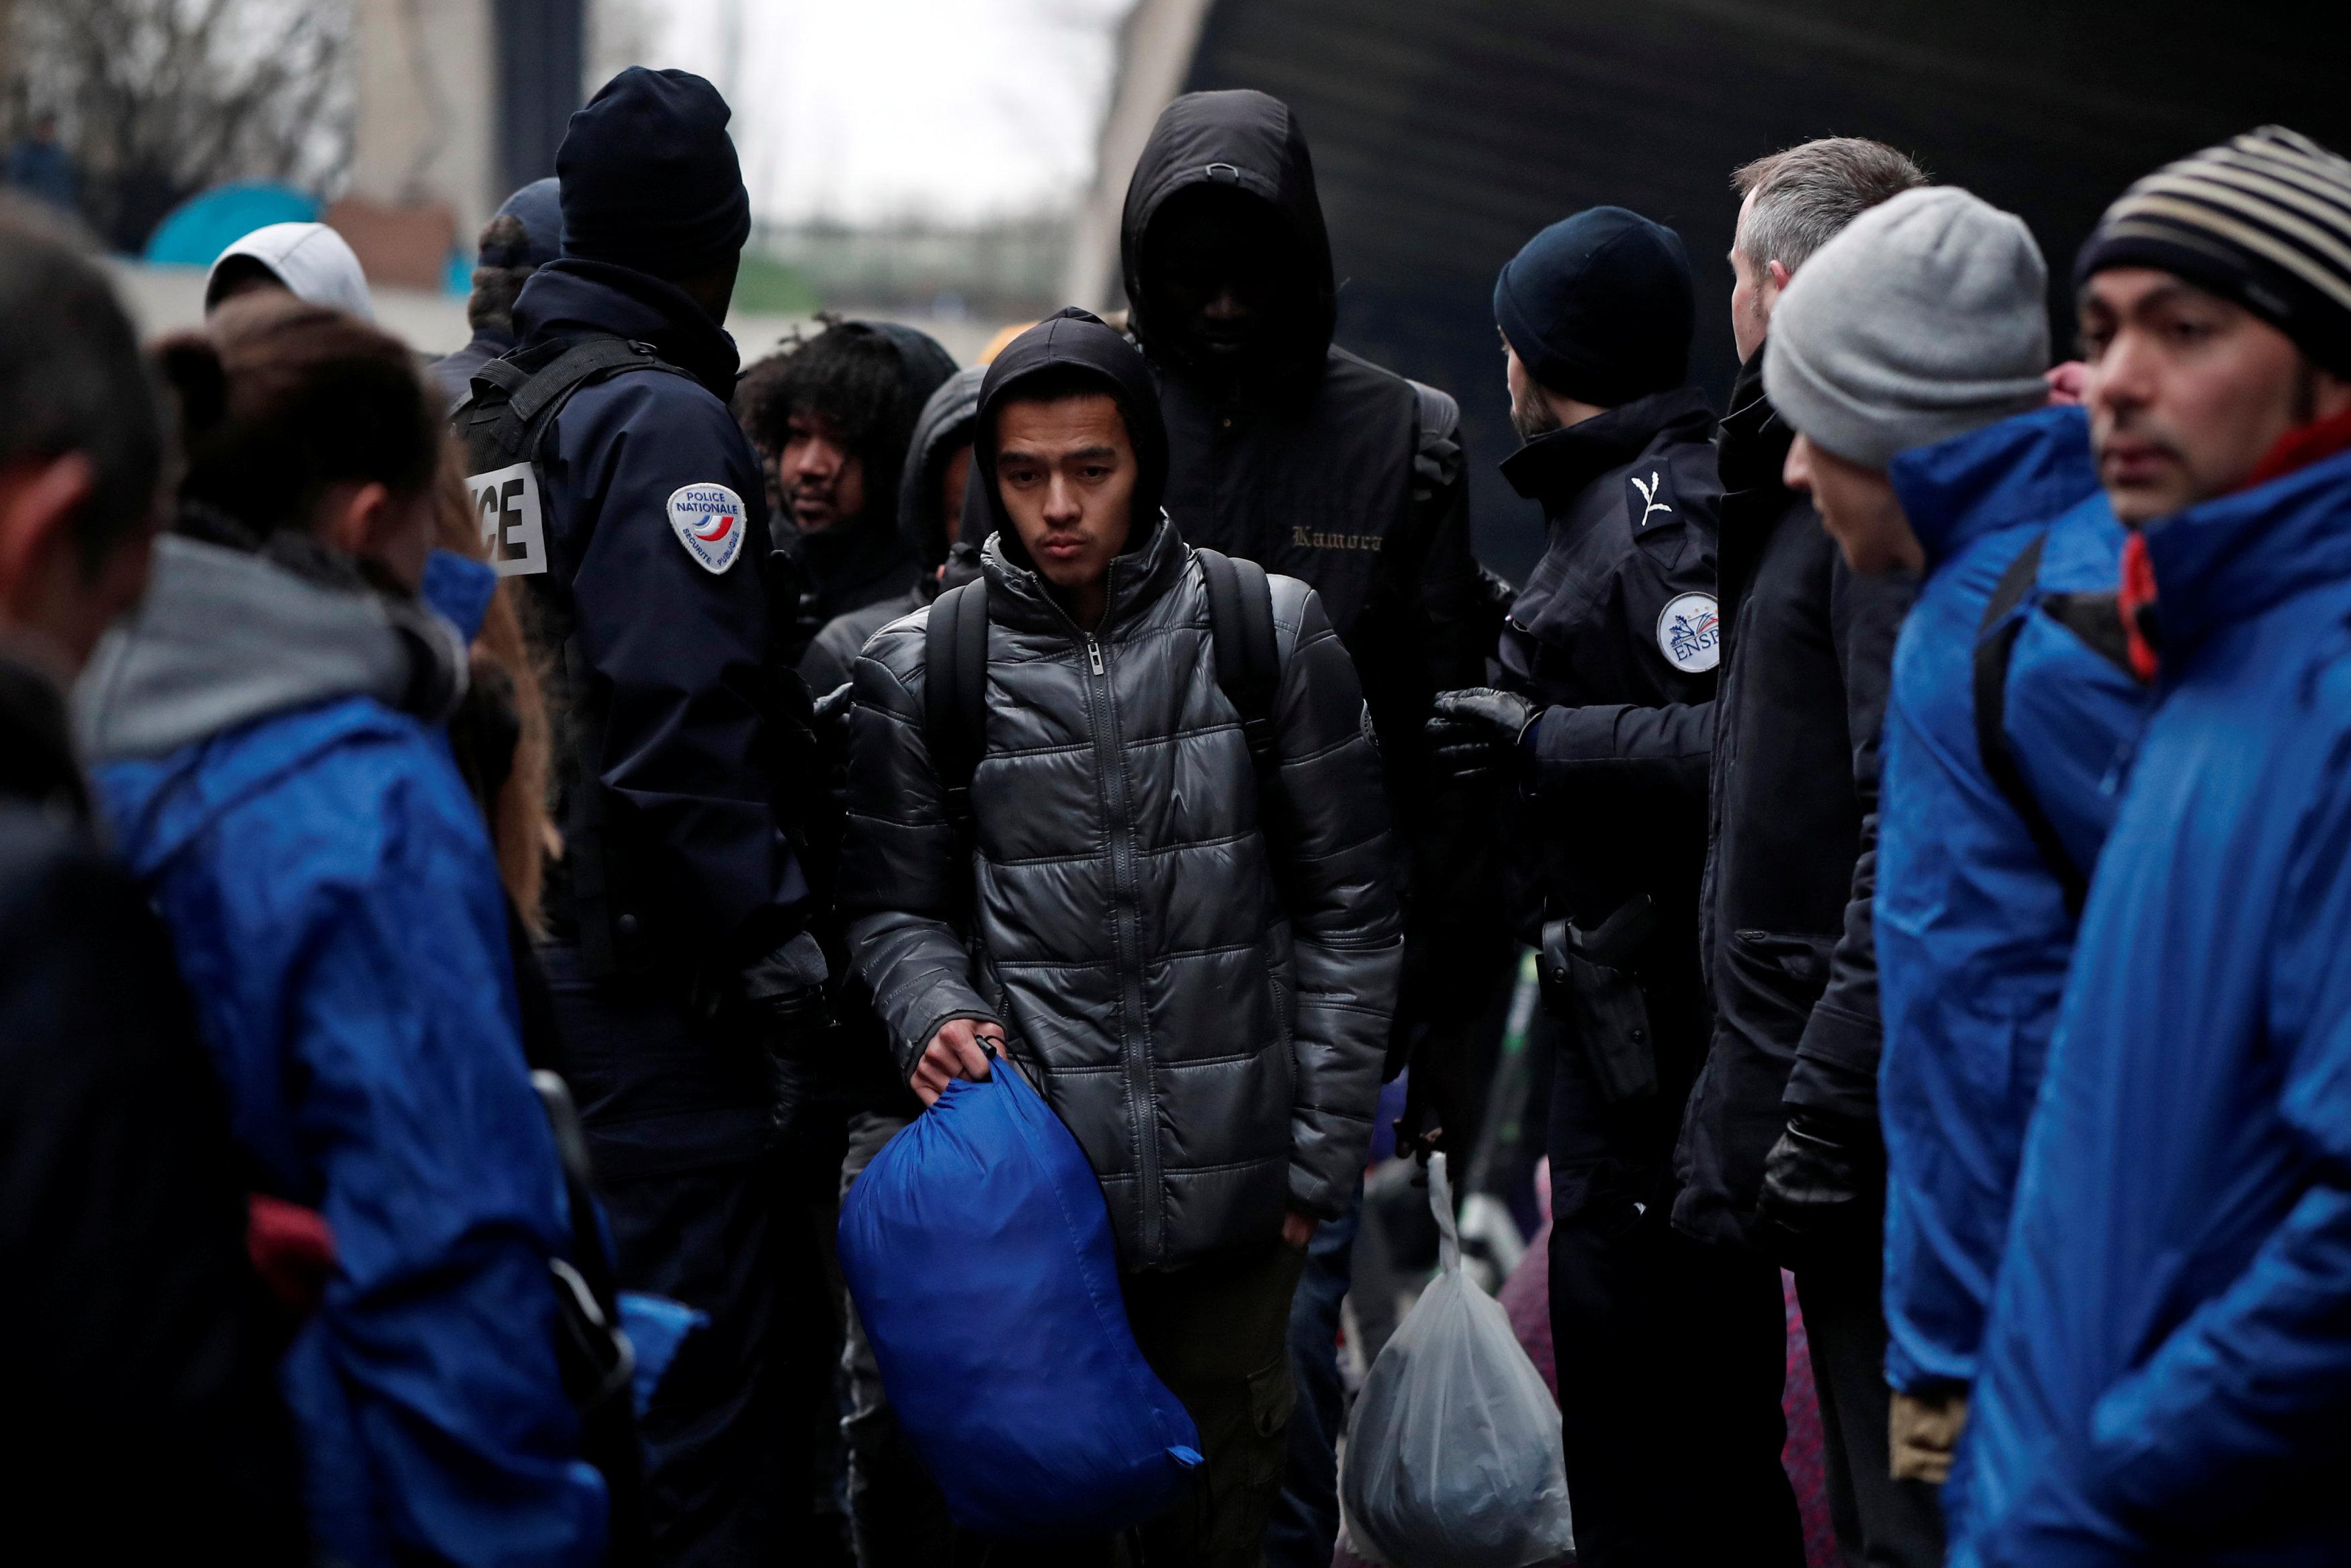 معظم اللاجئين قادمين من أفريقيا وأفغانستان